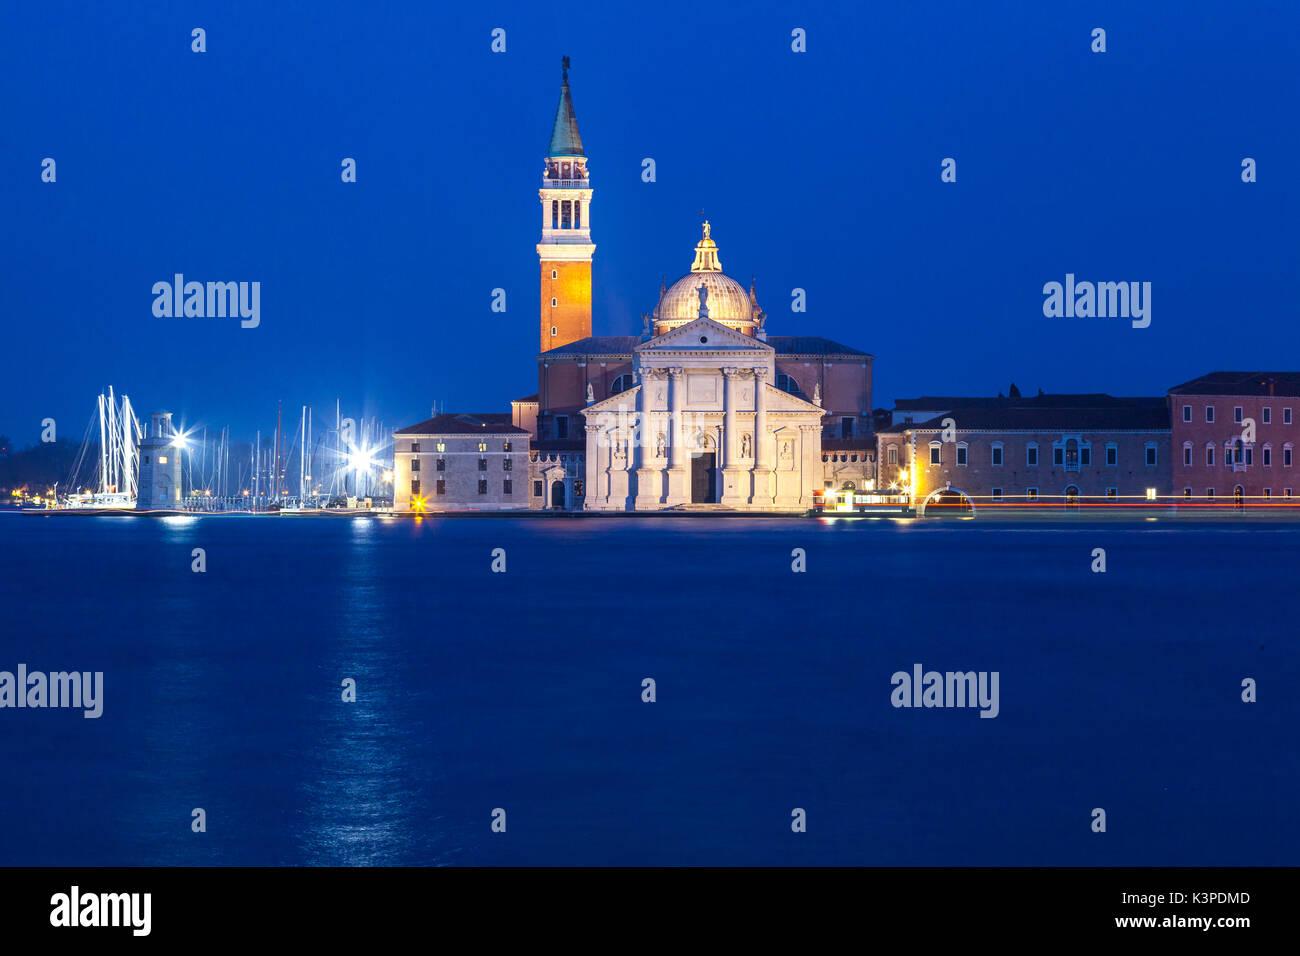 Venise, Vénétie, Italie, vue sur San Giorgio Maggiore Island à l'heure bleue avec l'Eglise et monastère bénédictin éclairé et d'un light trails Banque D'Images